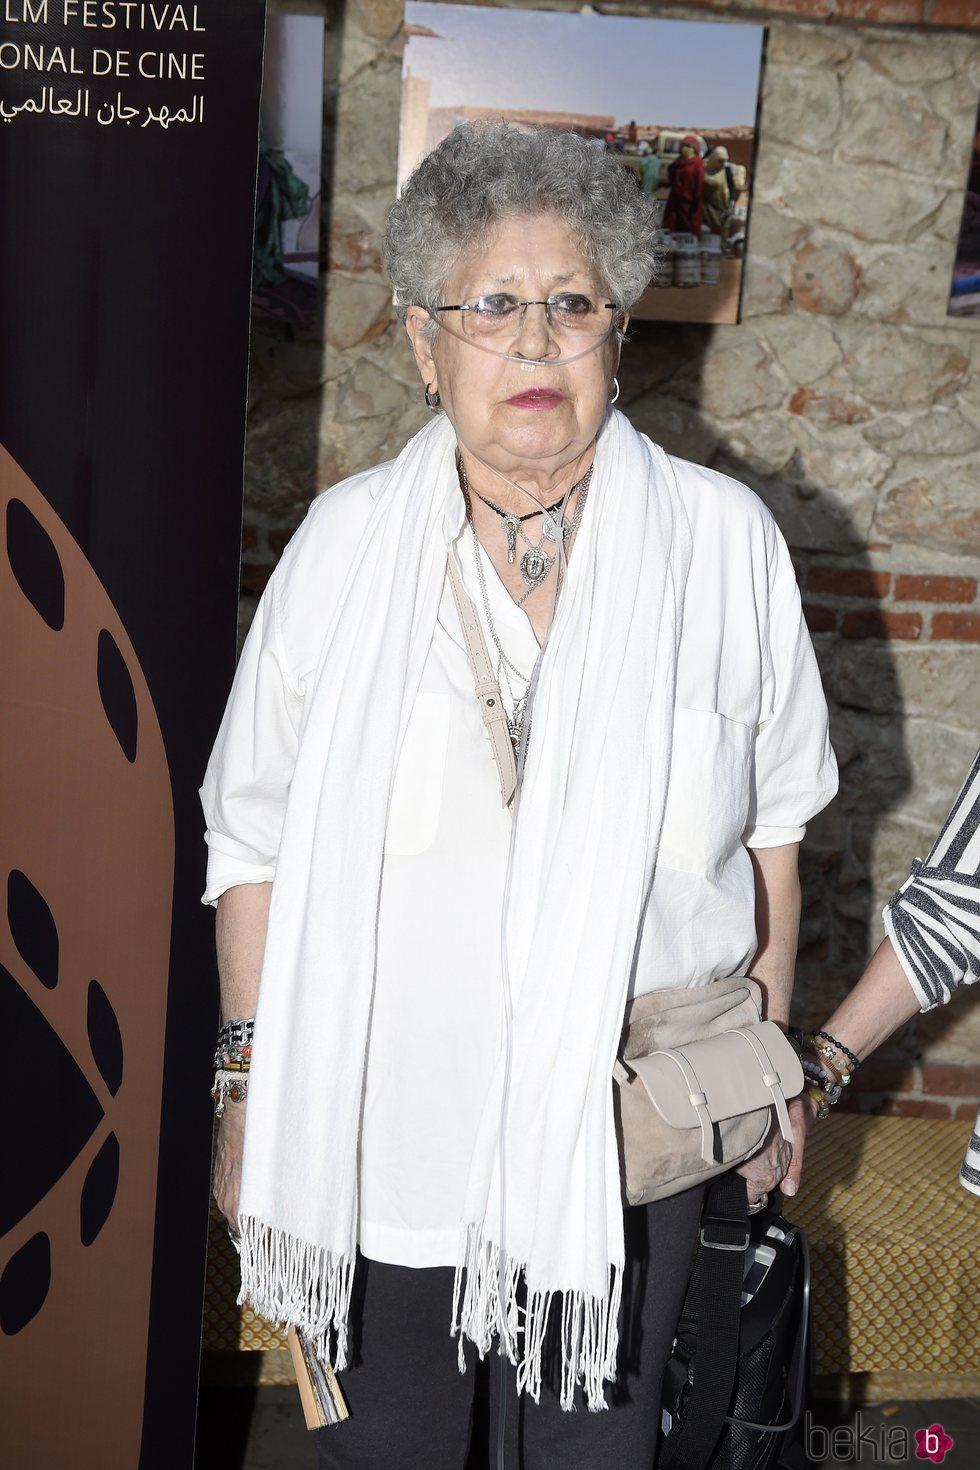 Pilar Bardem en el Fisahara, el Festival Internacional de Cine del Sáhara